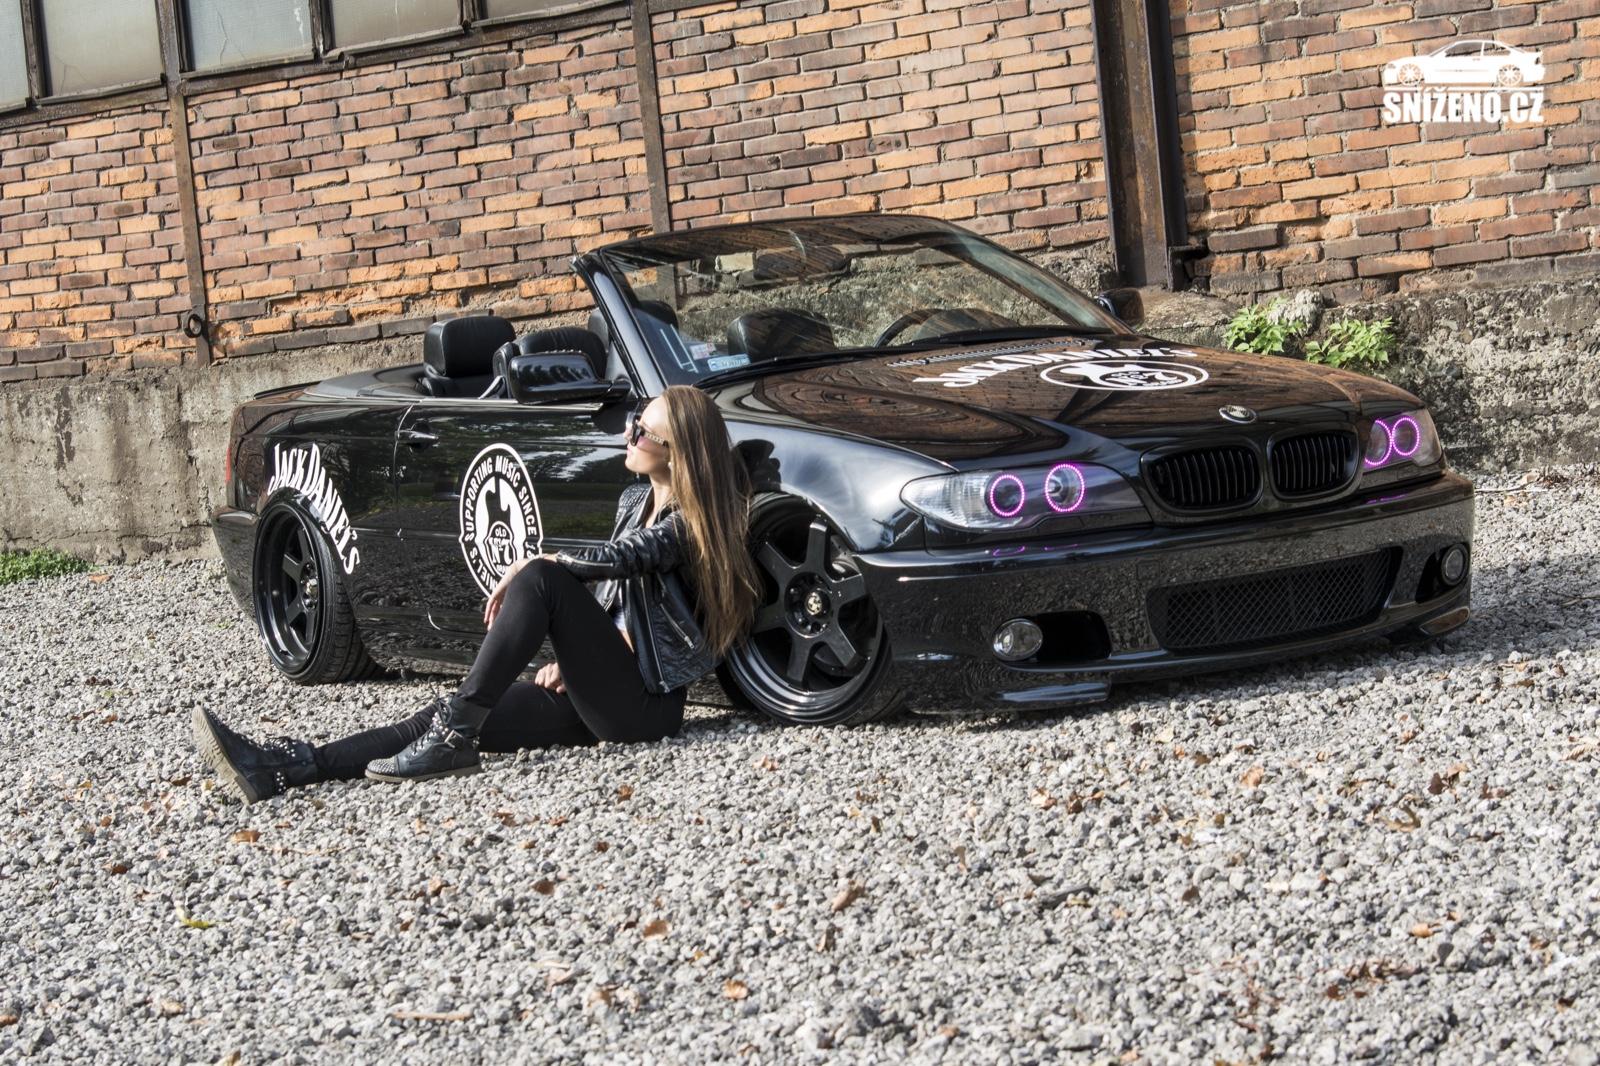 BMW_e46_14